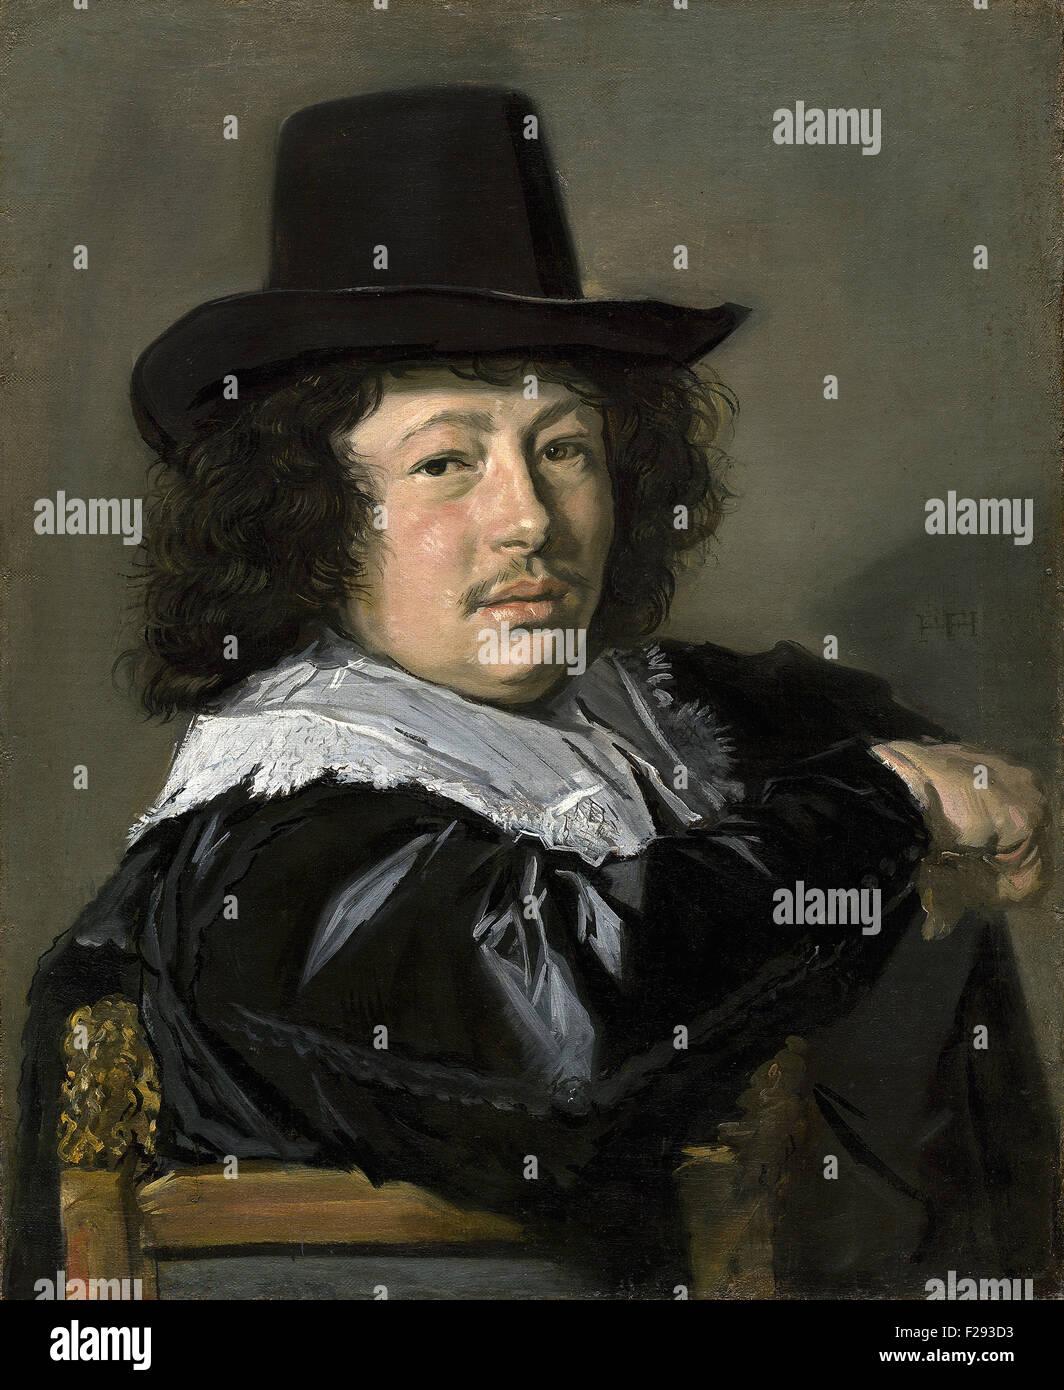 Frans Hals - Ritratto di un giovane uomo 10 Immagini Stock